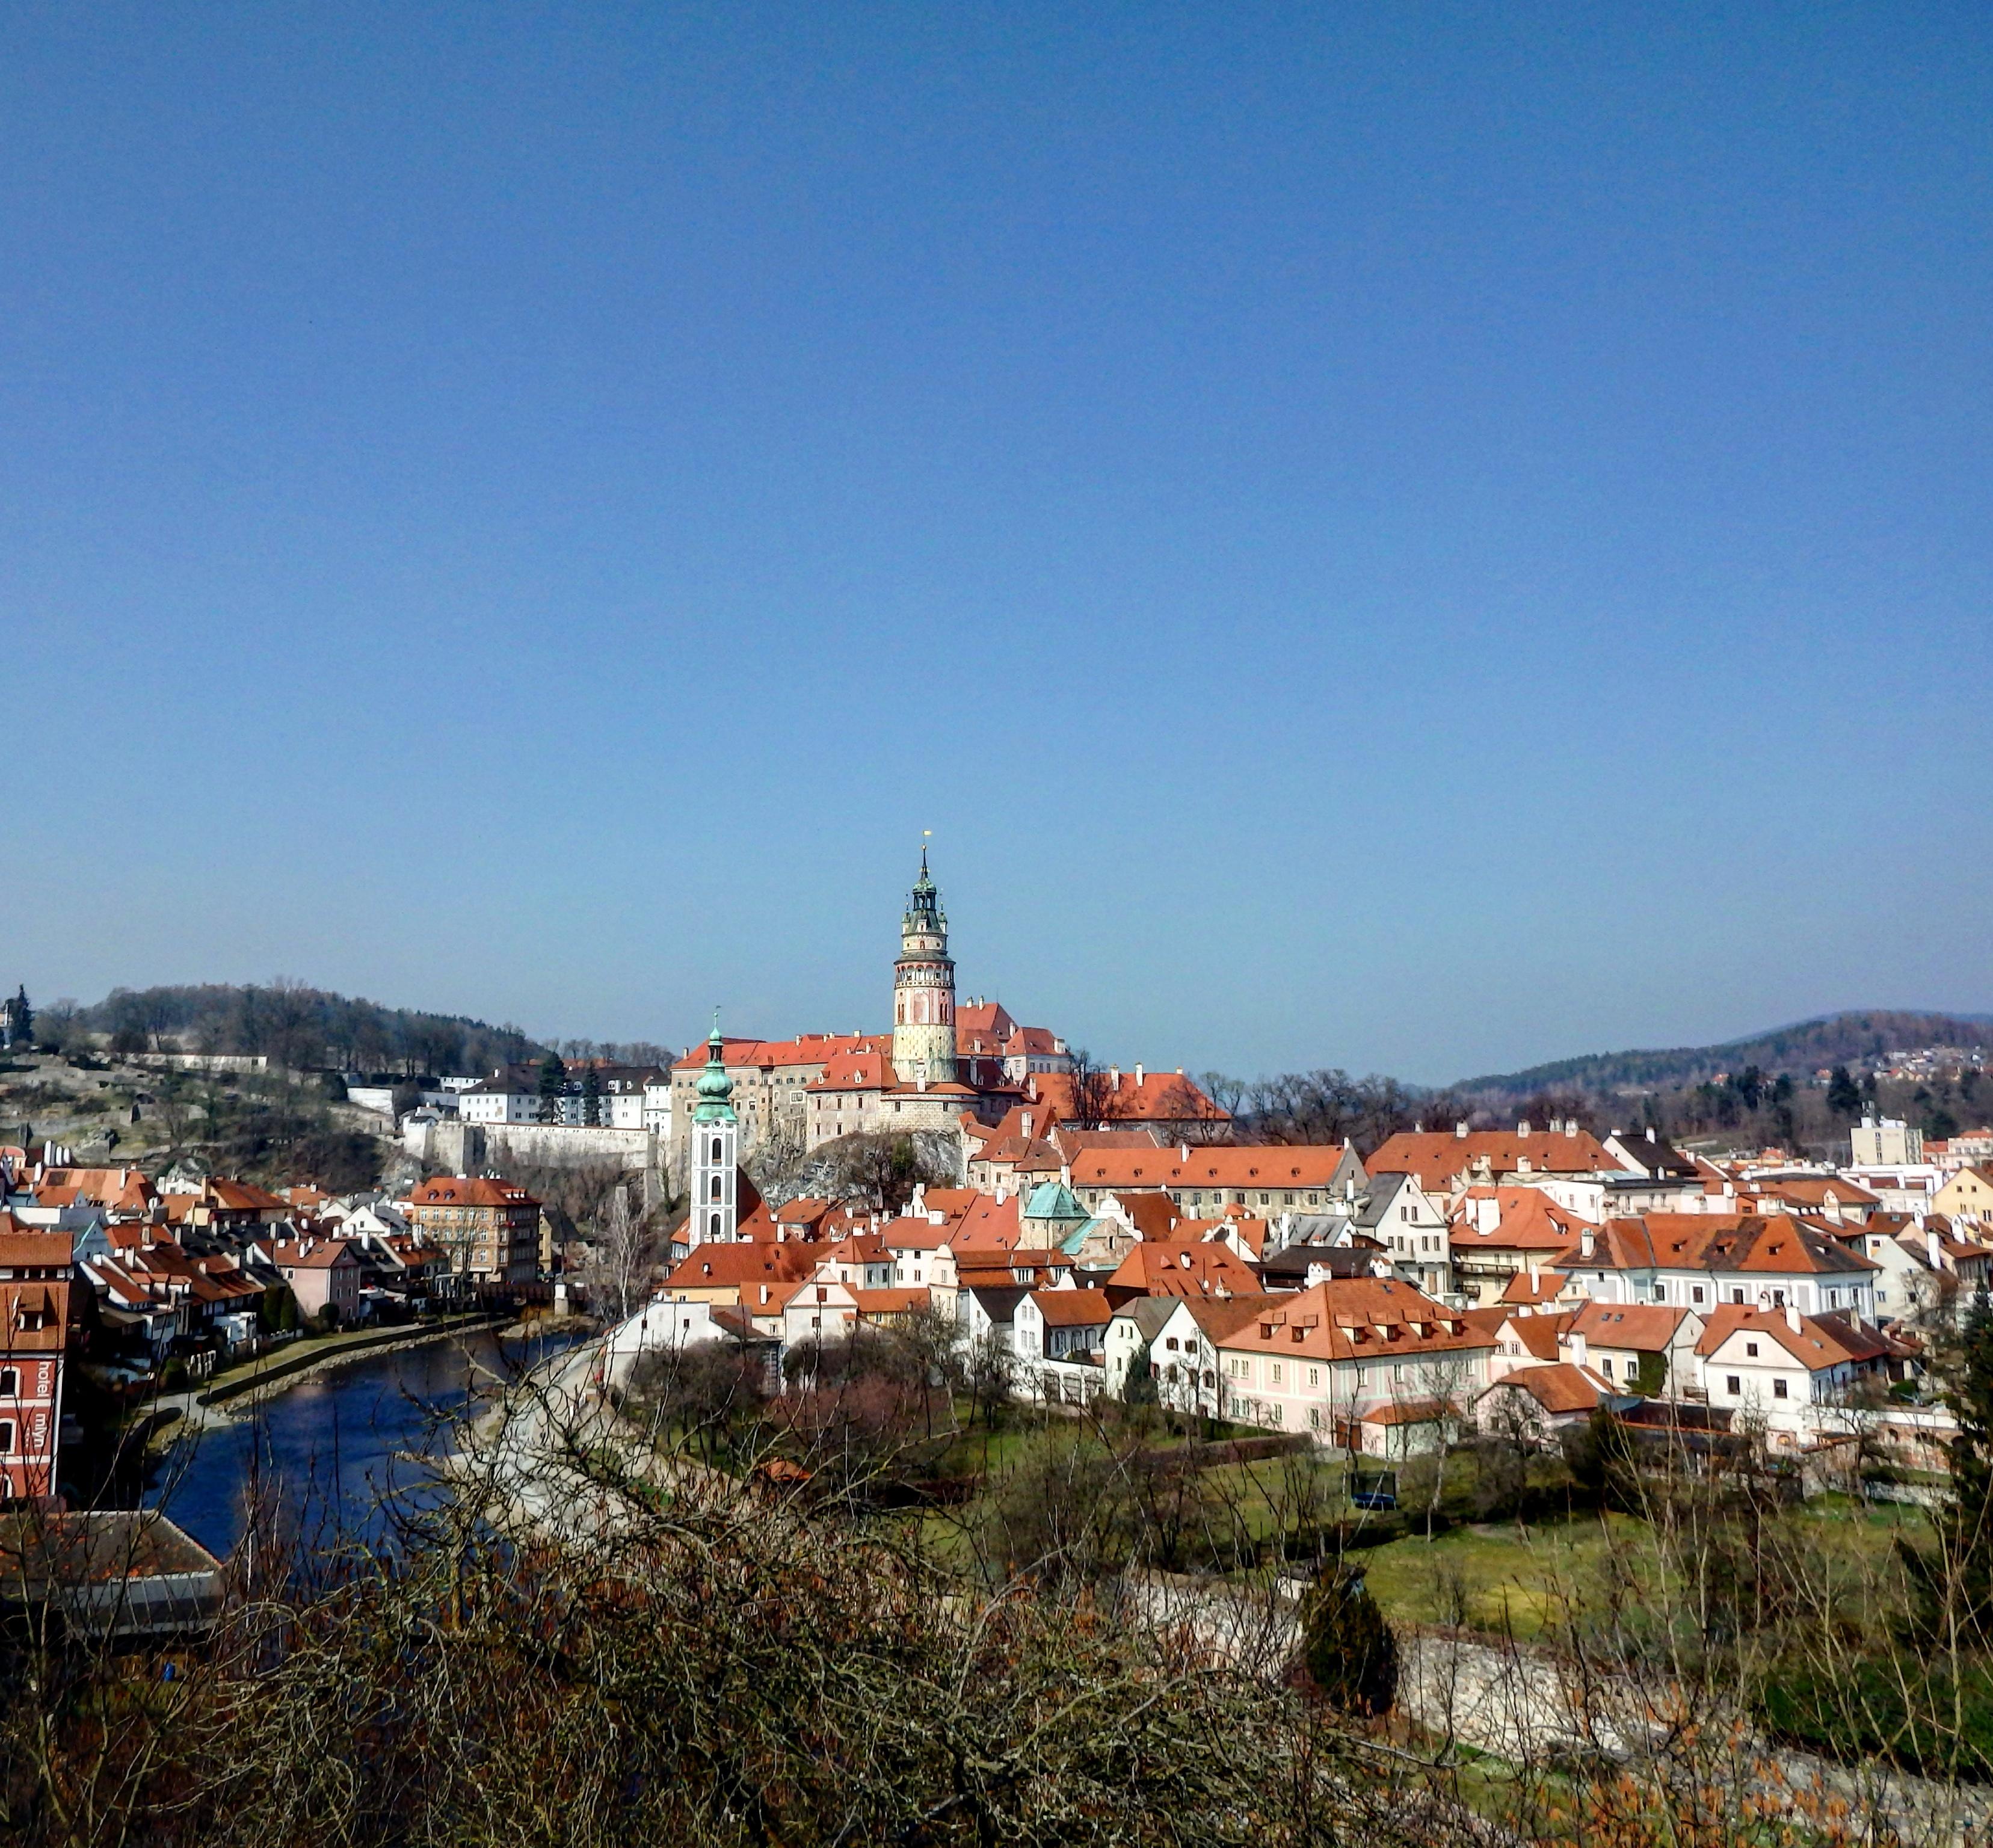 世界一美しい町!?チェコのチェスキークルムロフの路地